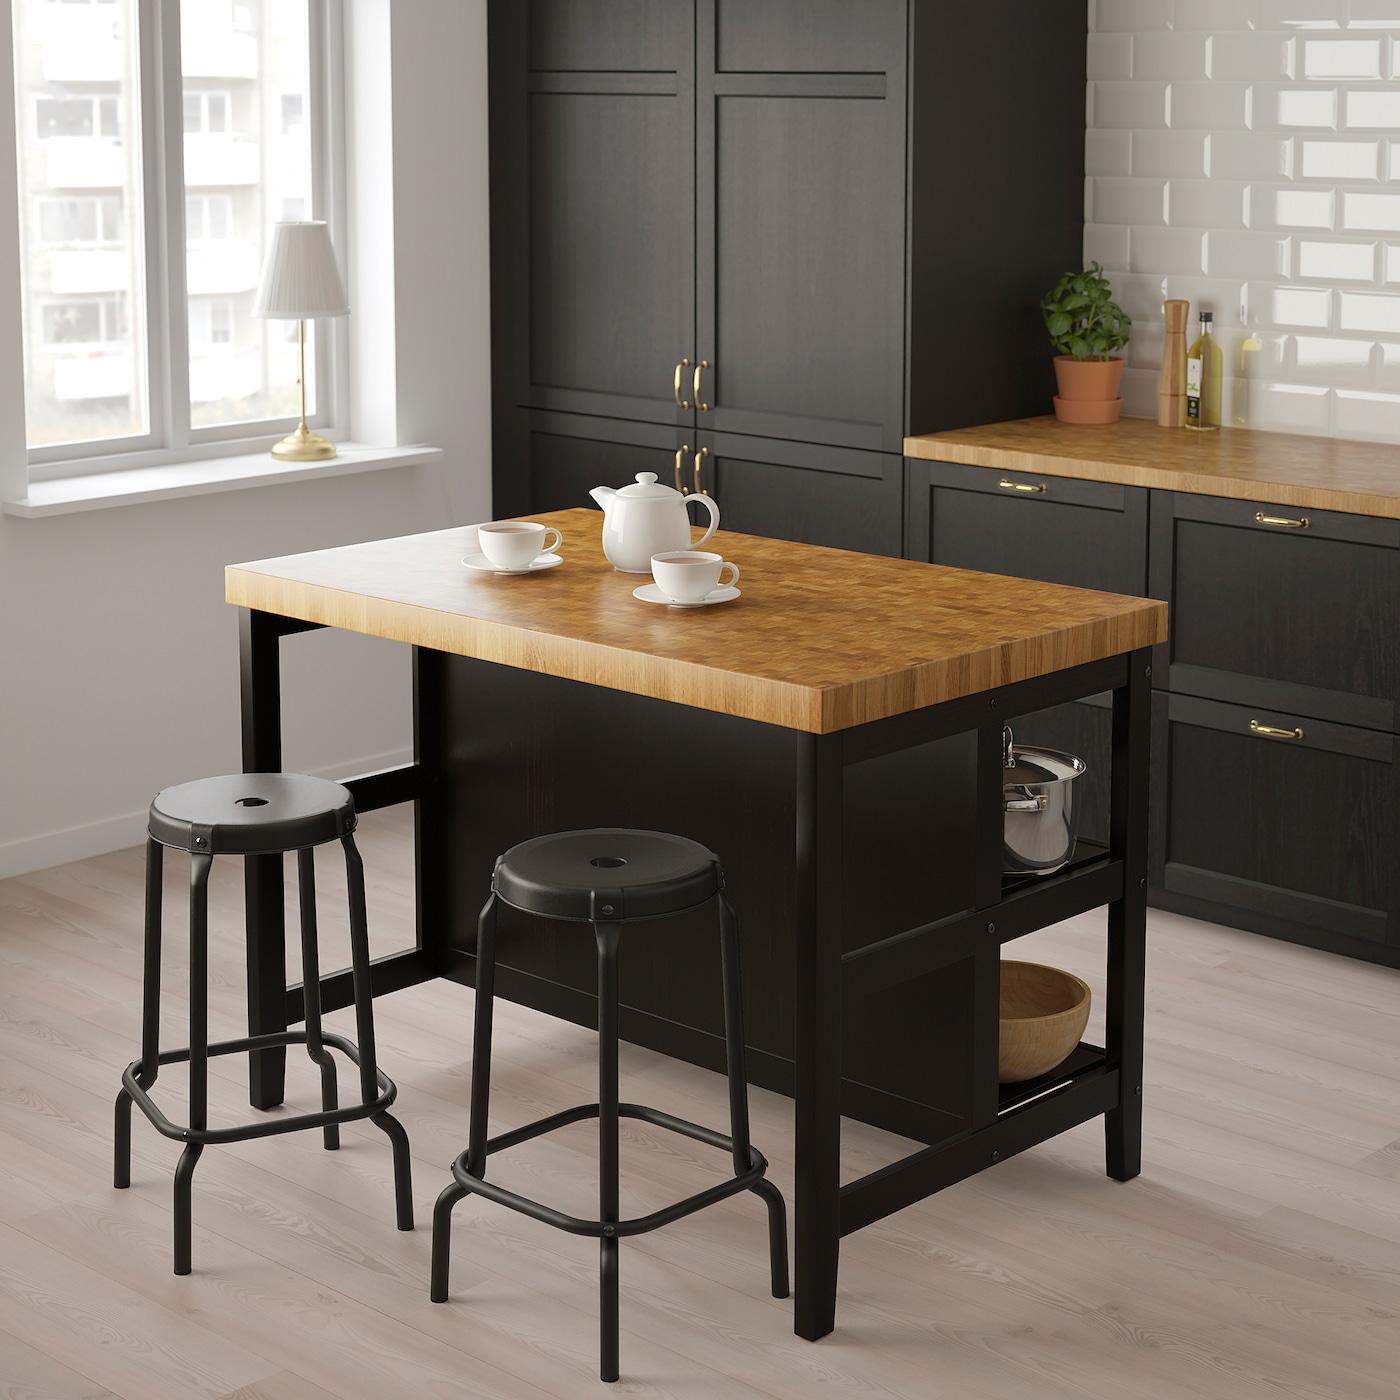 vadholma kücheninsel, schwarz, eiche. bestell es noch